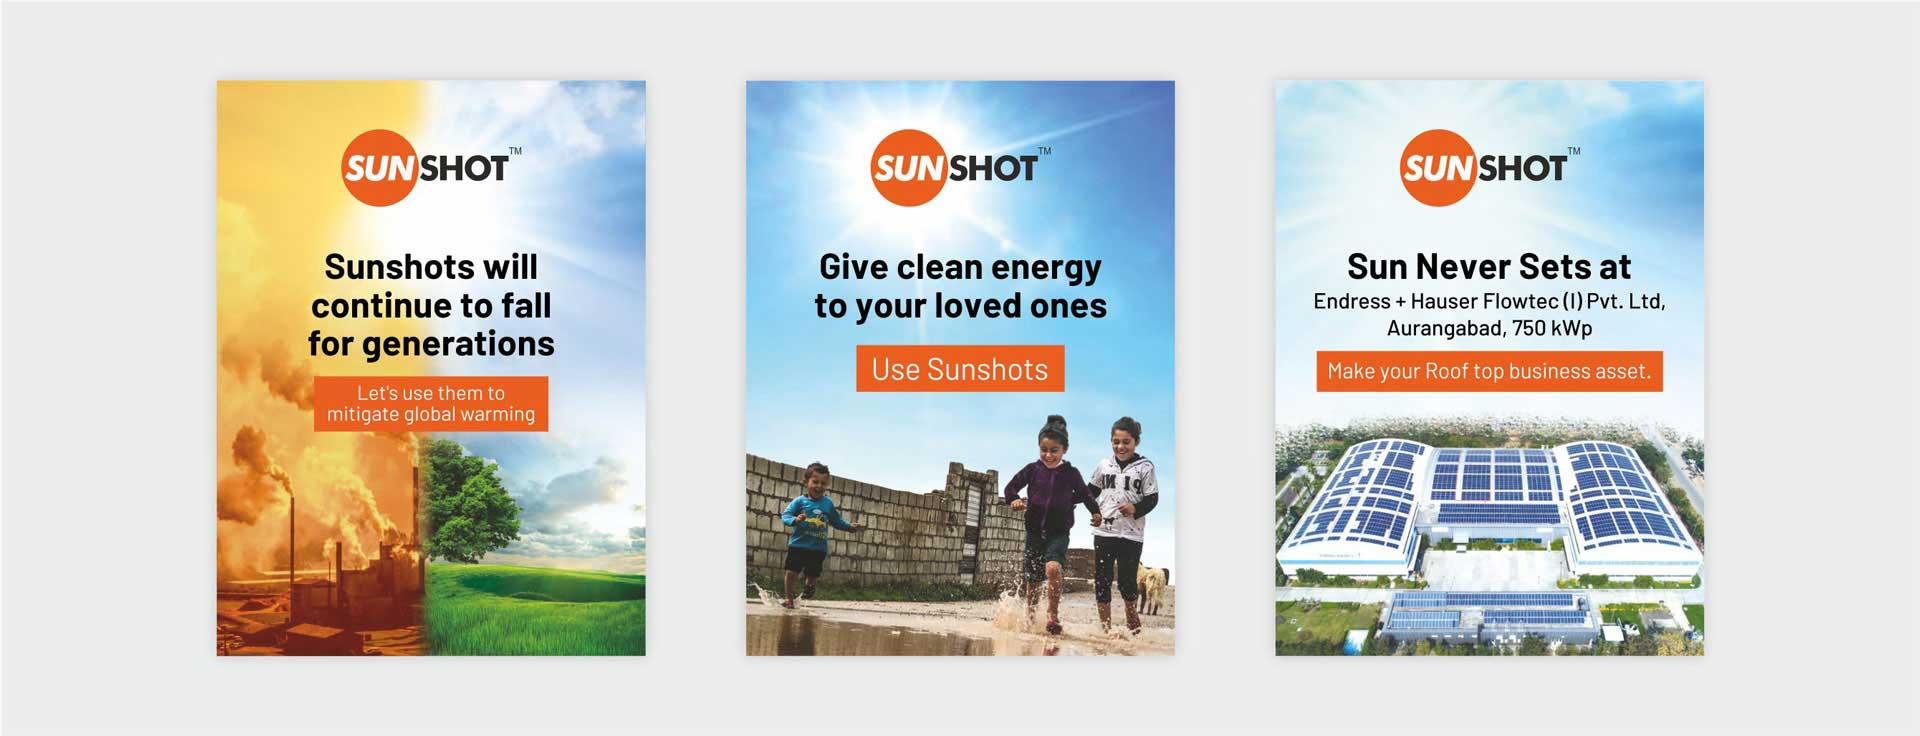 Sunshot-Banner-1